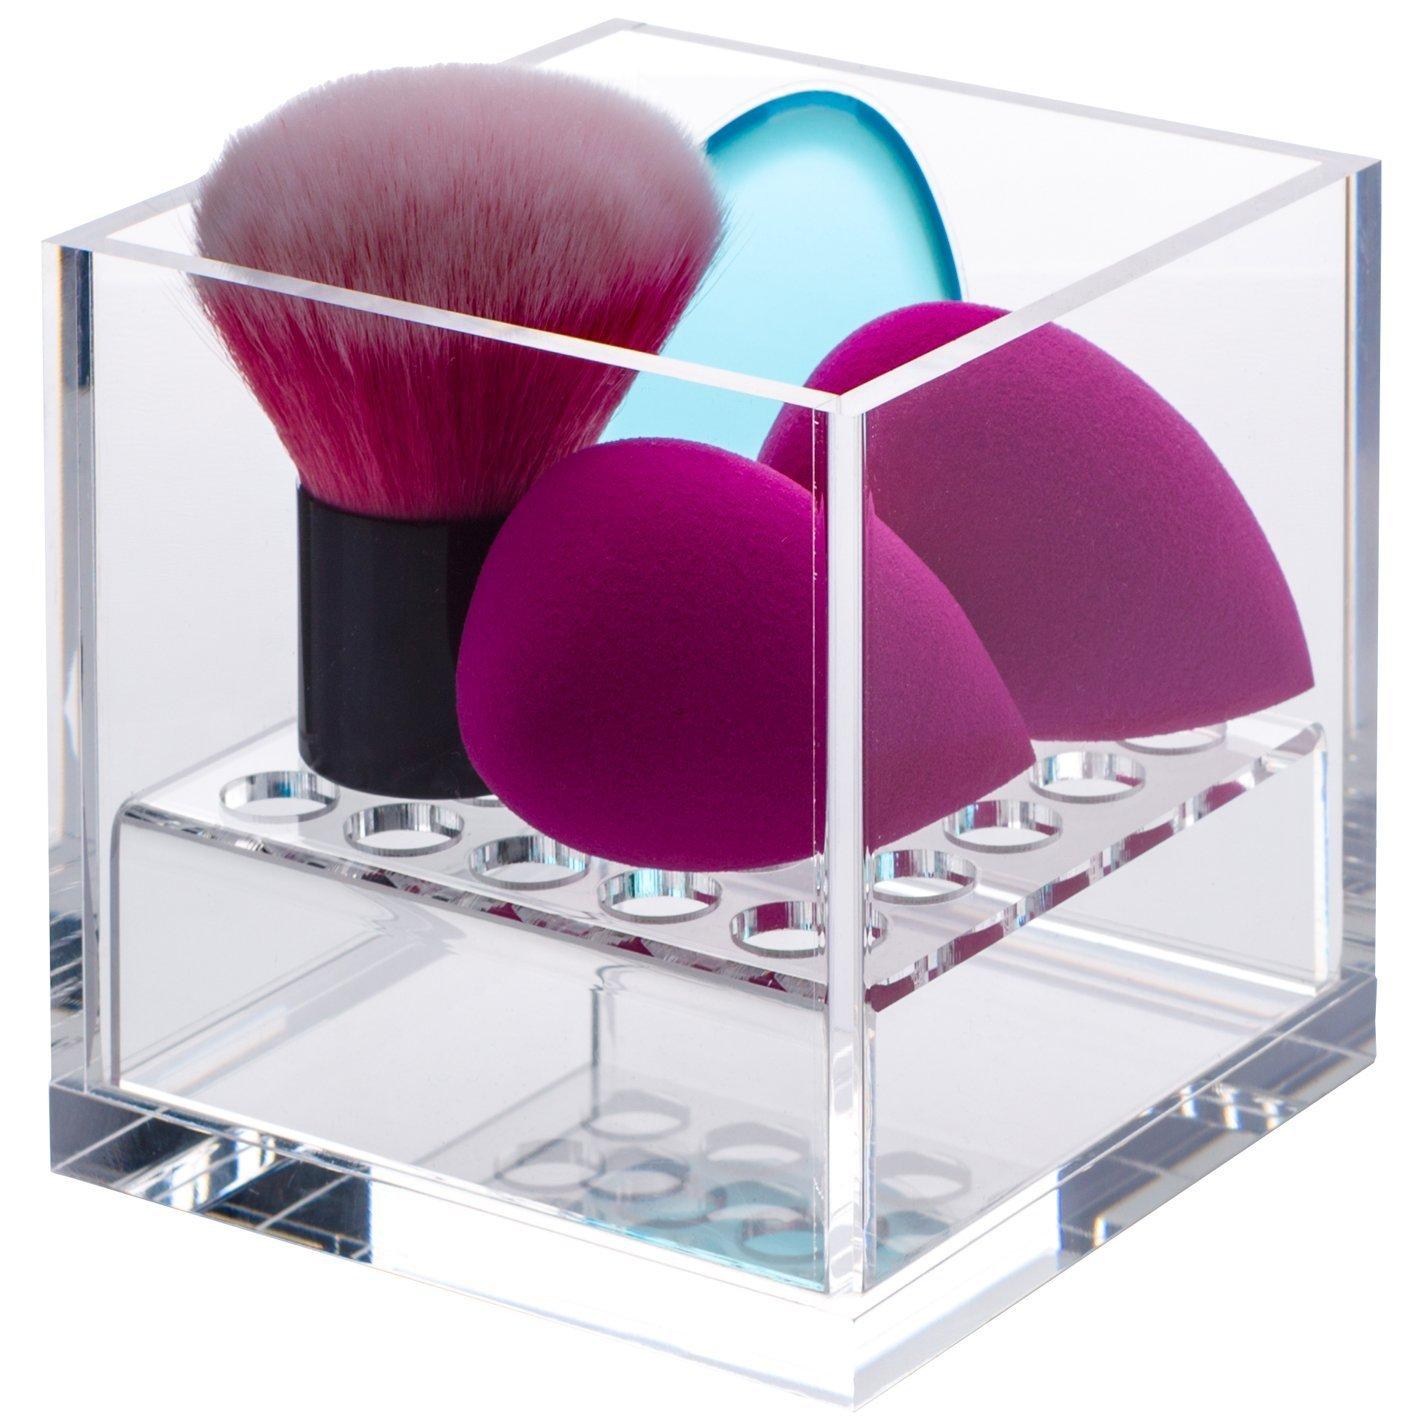 新しい。アクリルキューブコスメティックオーガナイザー、メイクアップブラシホルダーCup withピンク、ゴールド、ブルー、パープル&クリアクリスタル Cube 透明 B06XZX81R7 Crystal-clear